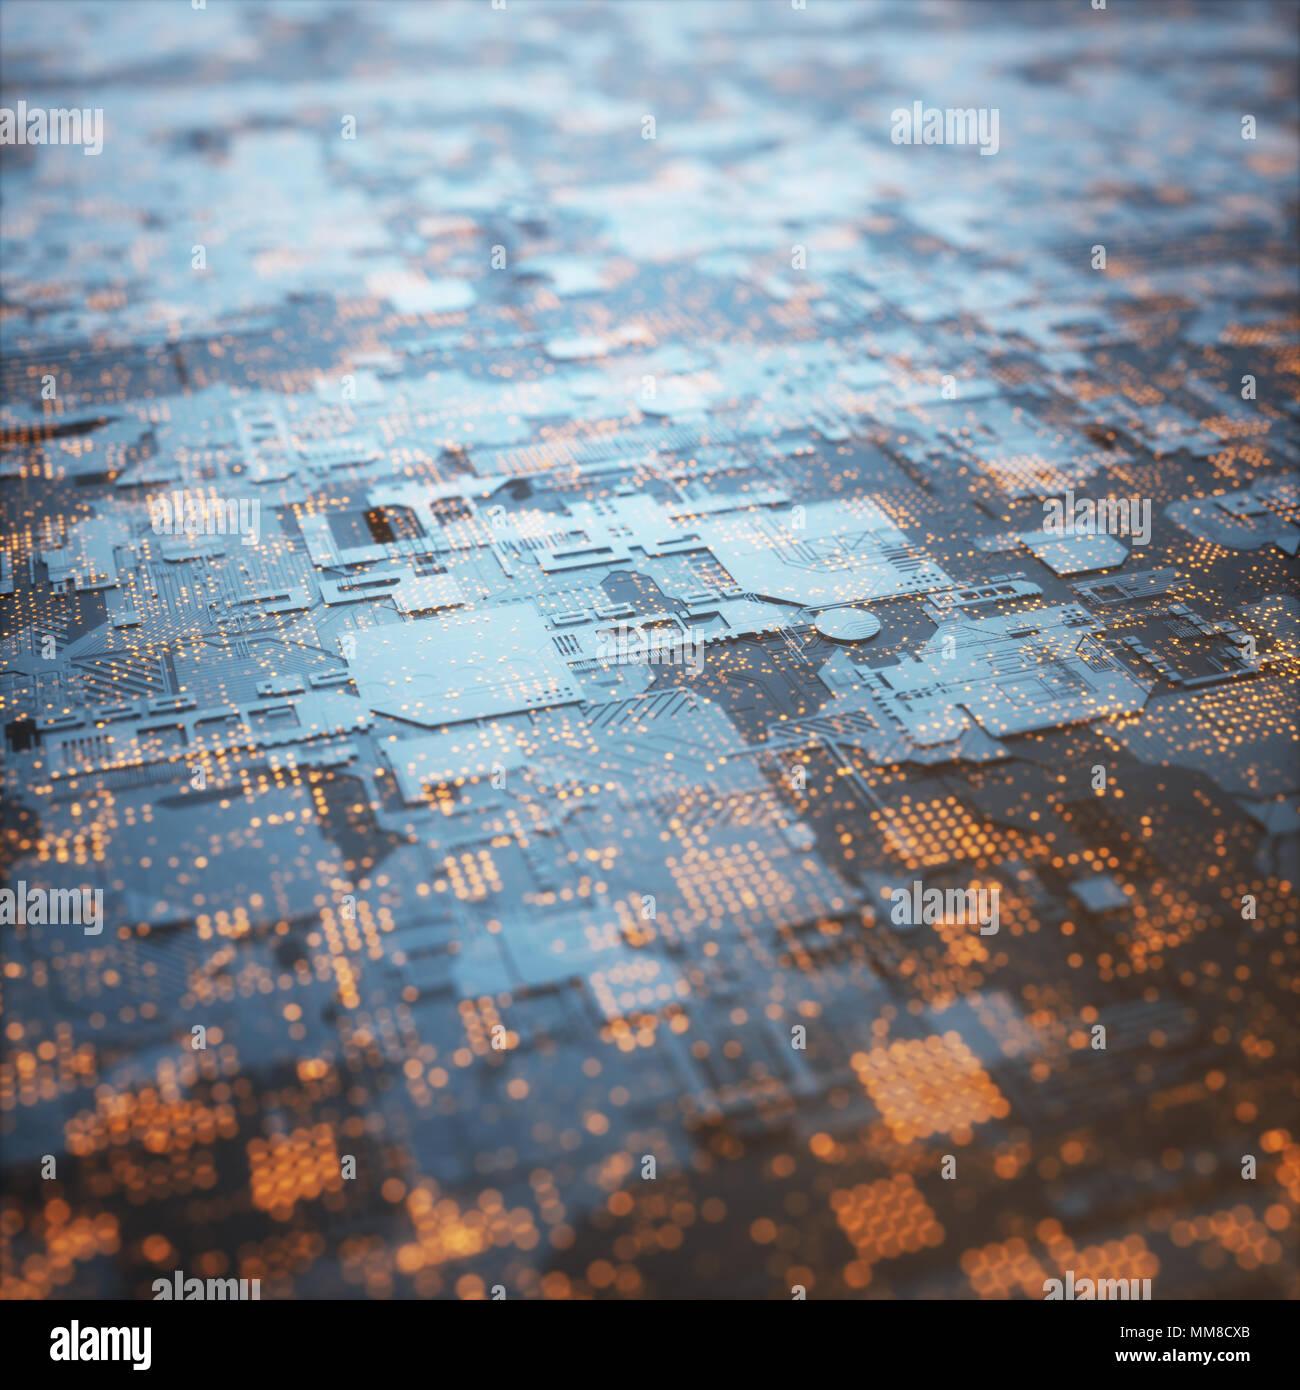 3D'illustrazione. Abstract struttura 3D per usare come sfondo in tema tecnologico. Immagini Stock